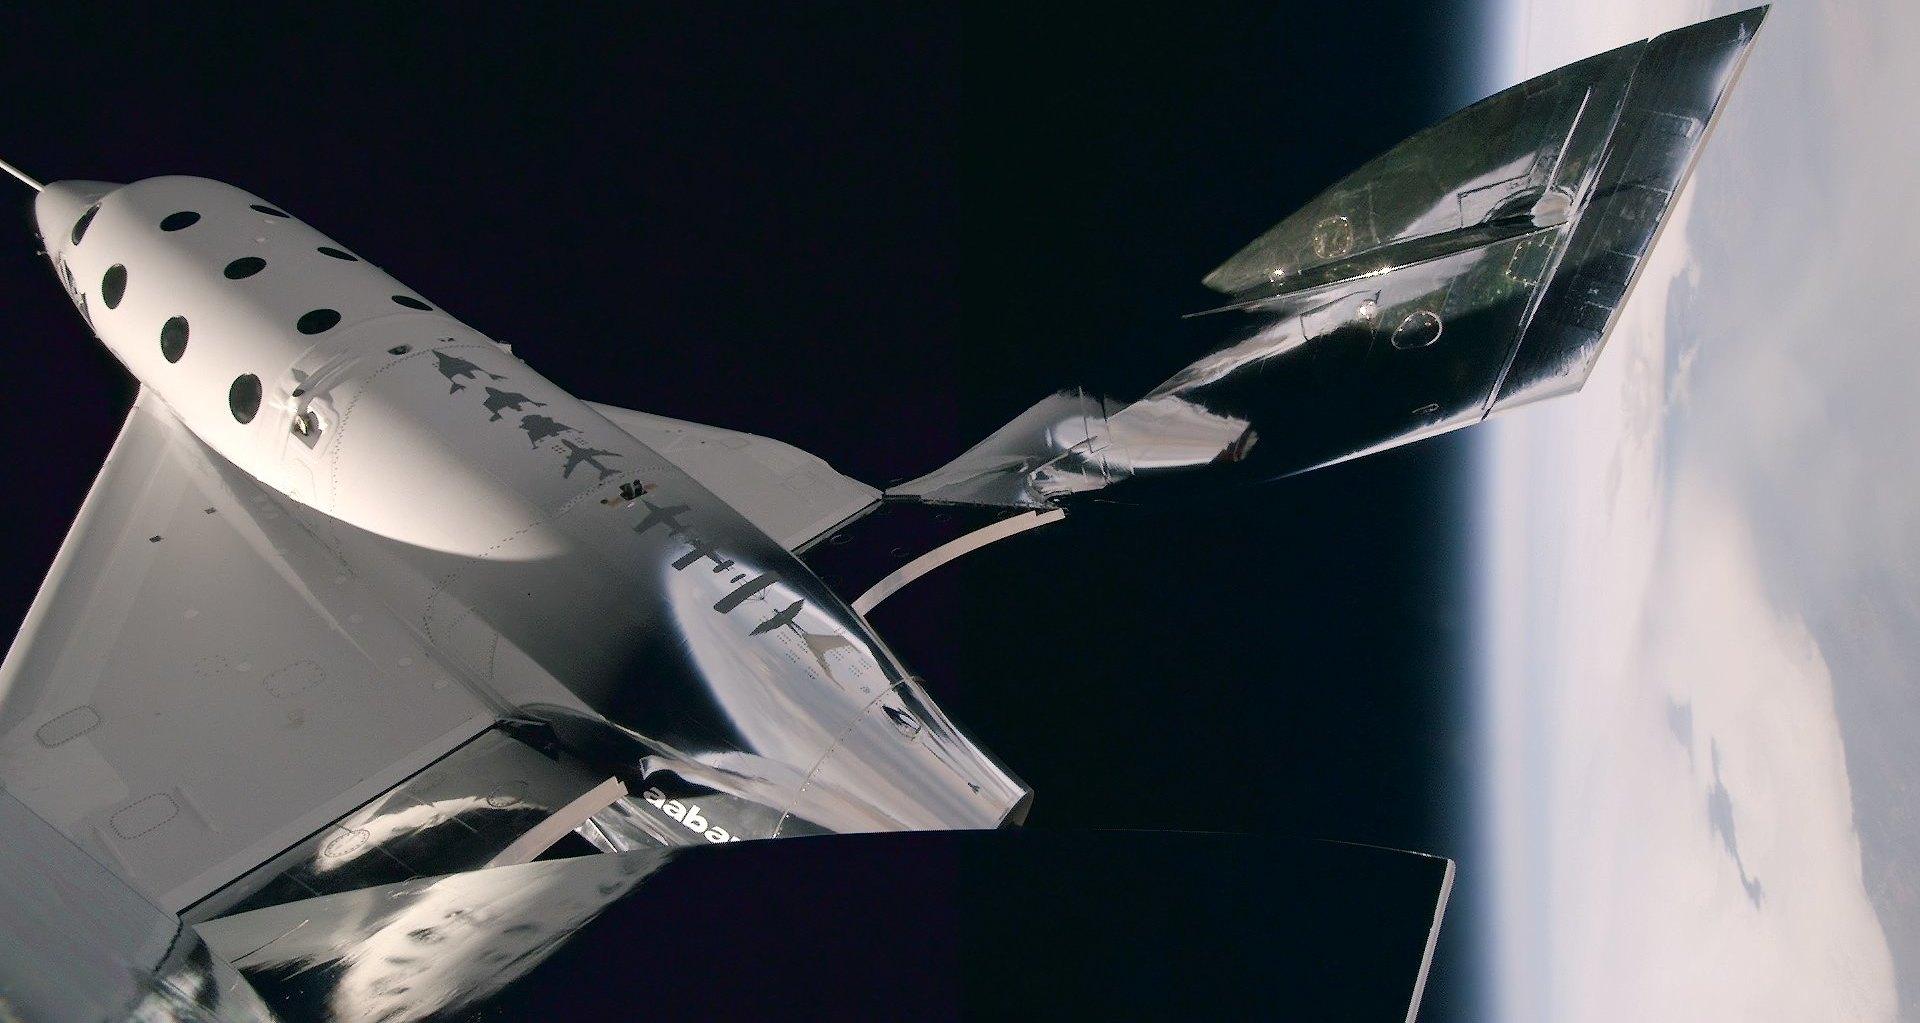 Космоплан VSS Unity совершил третий полет с включением ракетного двигателя